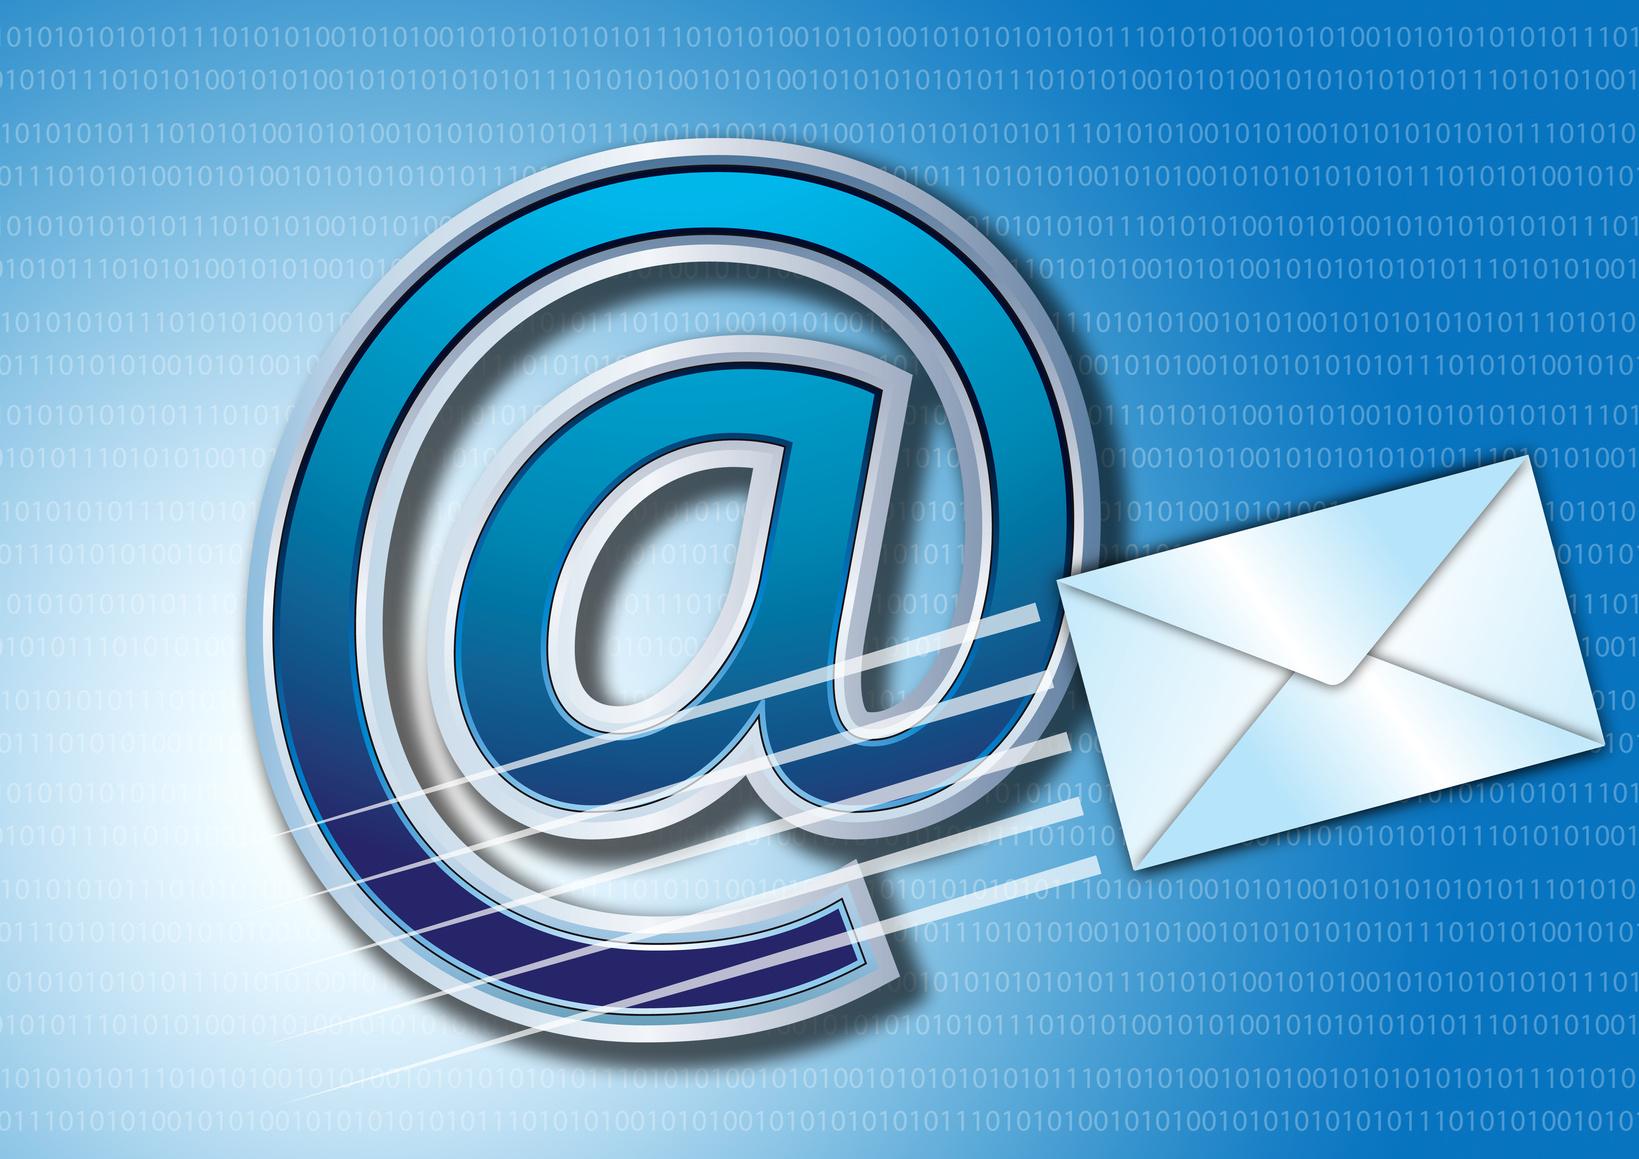 Tendencias del Marketing Digital 2015: Marketing por Emailing